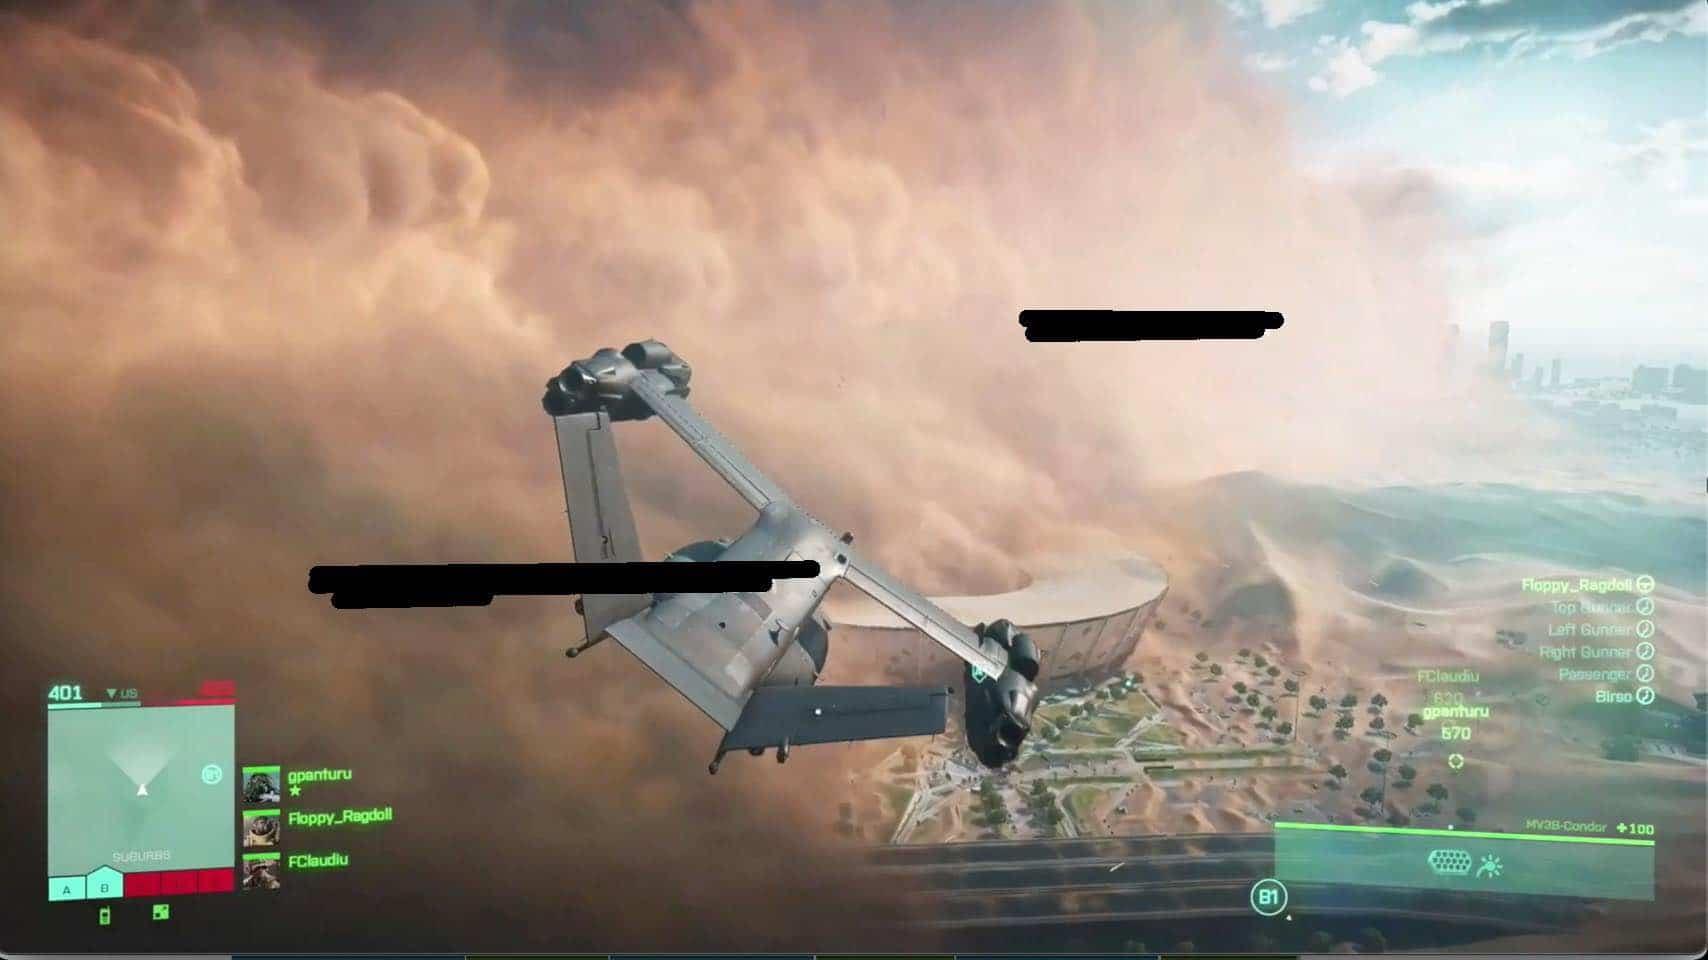 Possível imagem de Battlefield 6 de um avião sobrevoando com uma nuvem de poeira no fundo